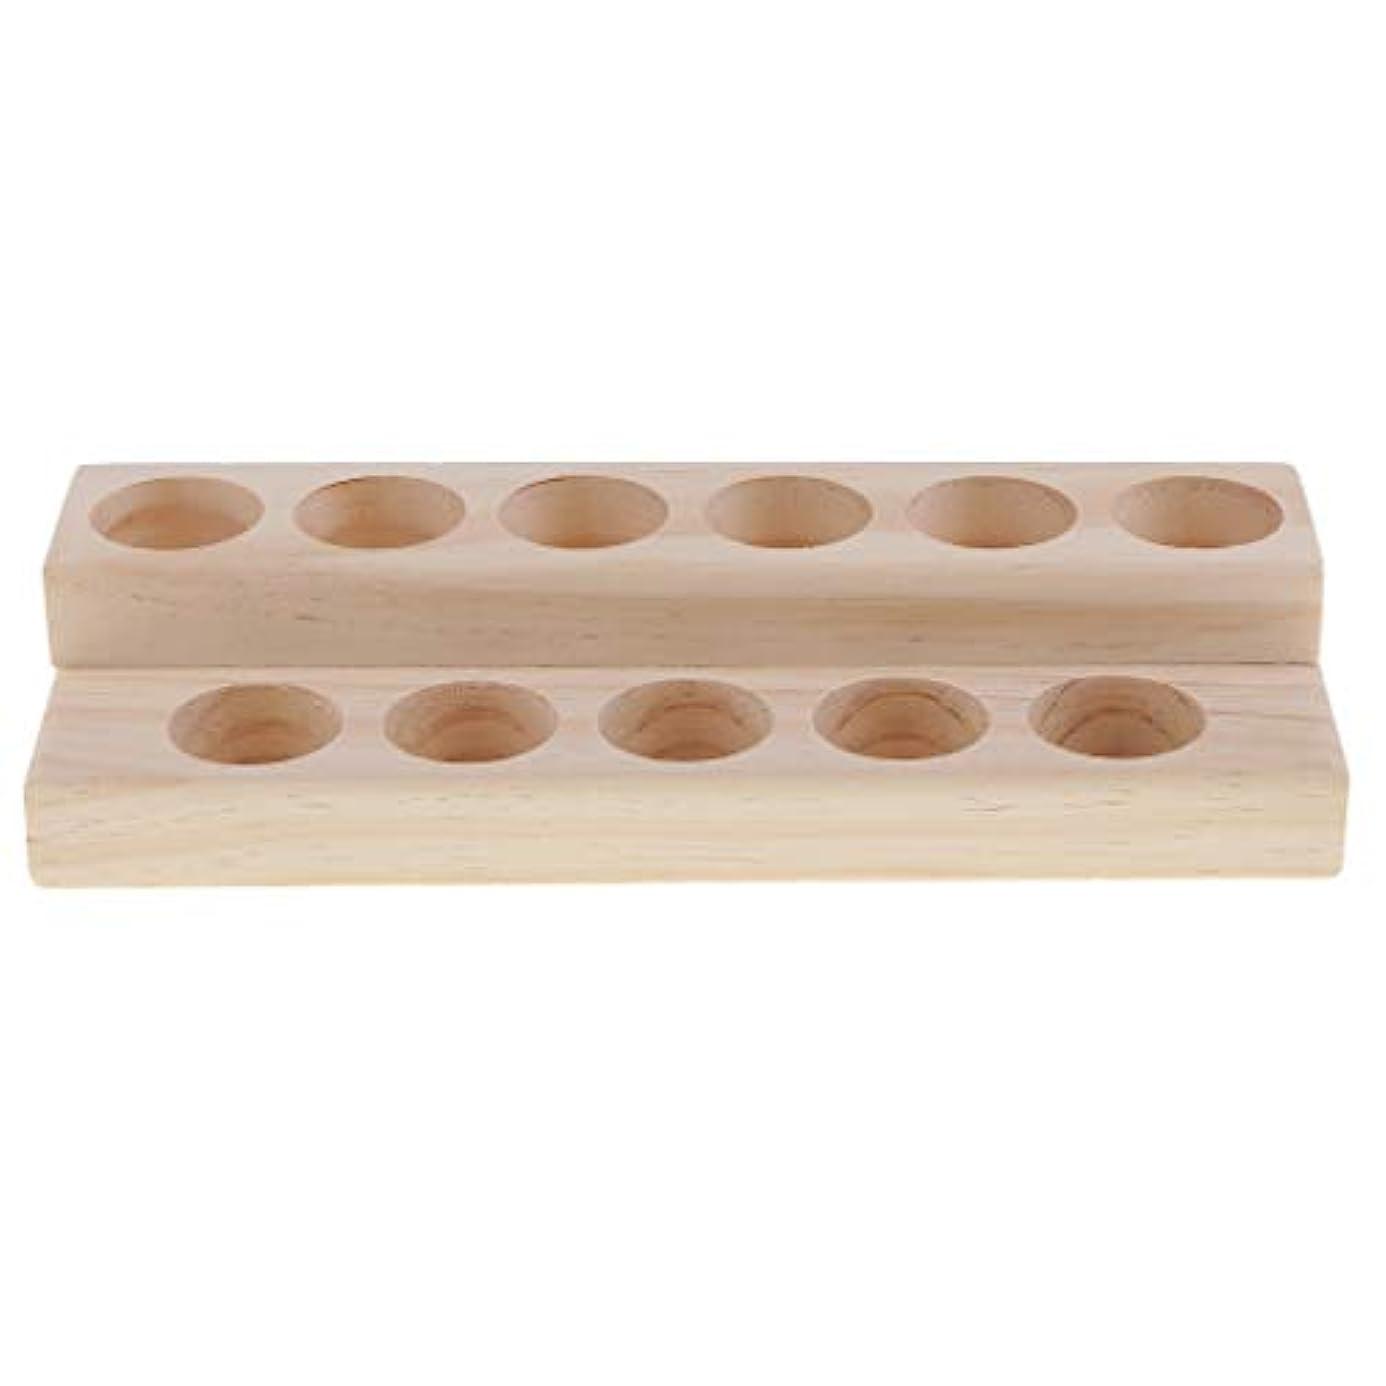 お香シュート自己尊重D DOLITY 木製 エッセンシャルオイル 展示ラック 精油 オルガナイザー 陳列台 アクセサリー 2層